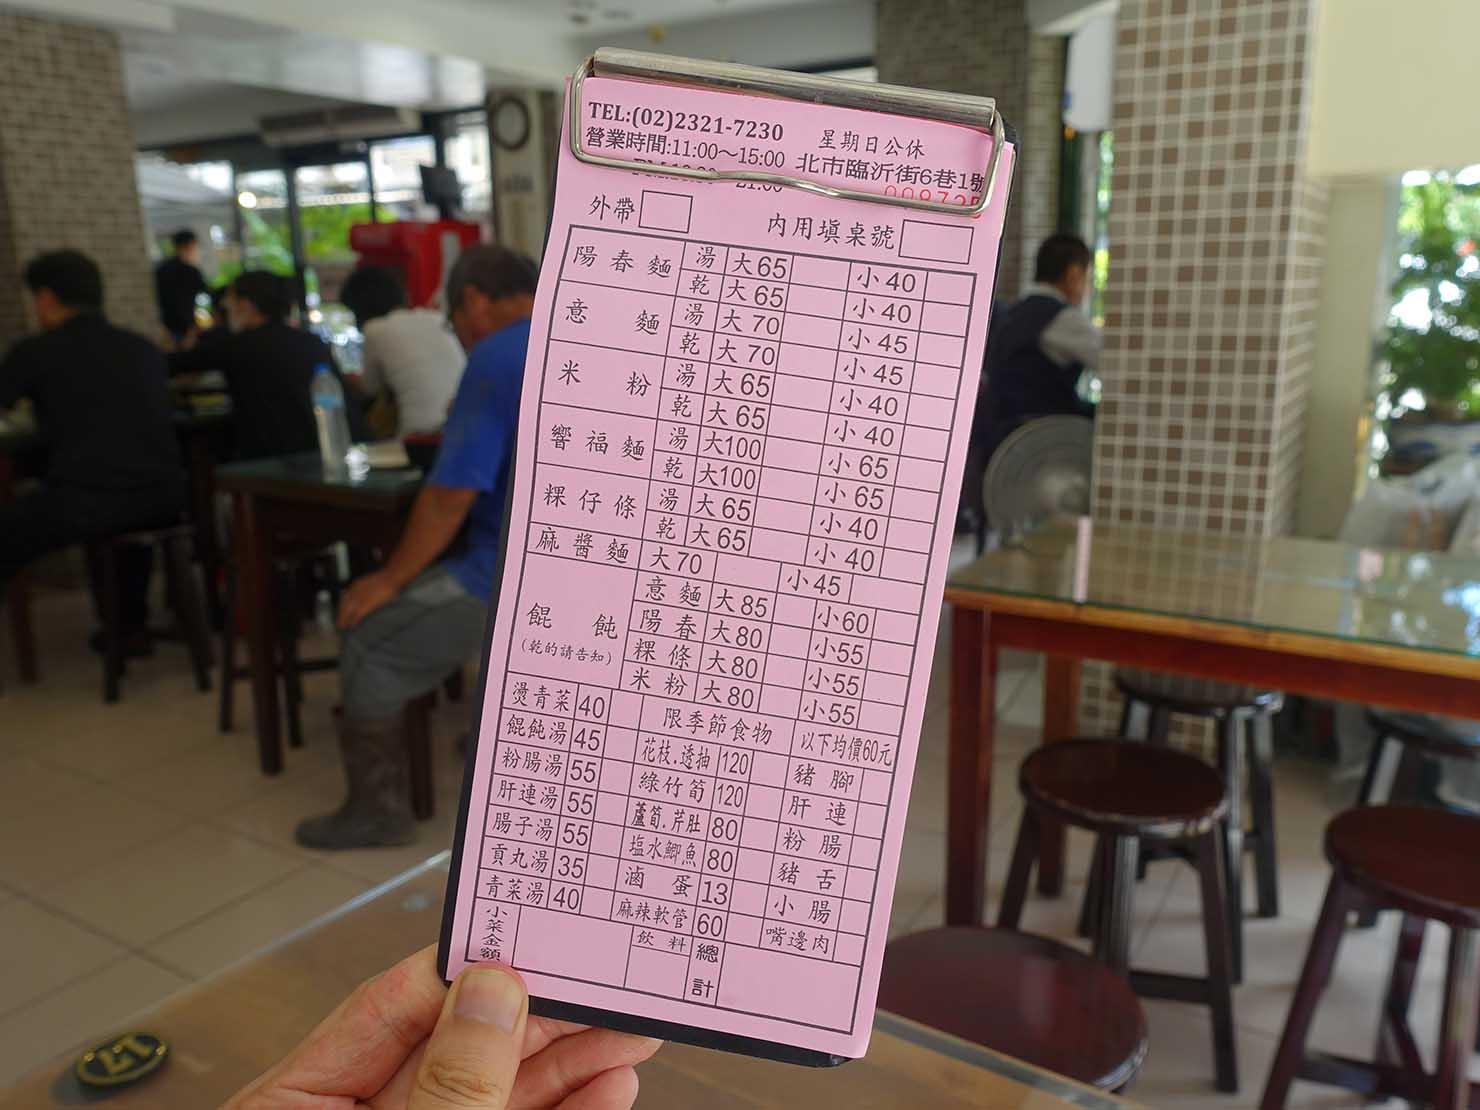 台北・忠孝新生駅周辺のおすすめグルメ店「名前のない臨沂街の麺店」のメニュー